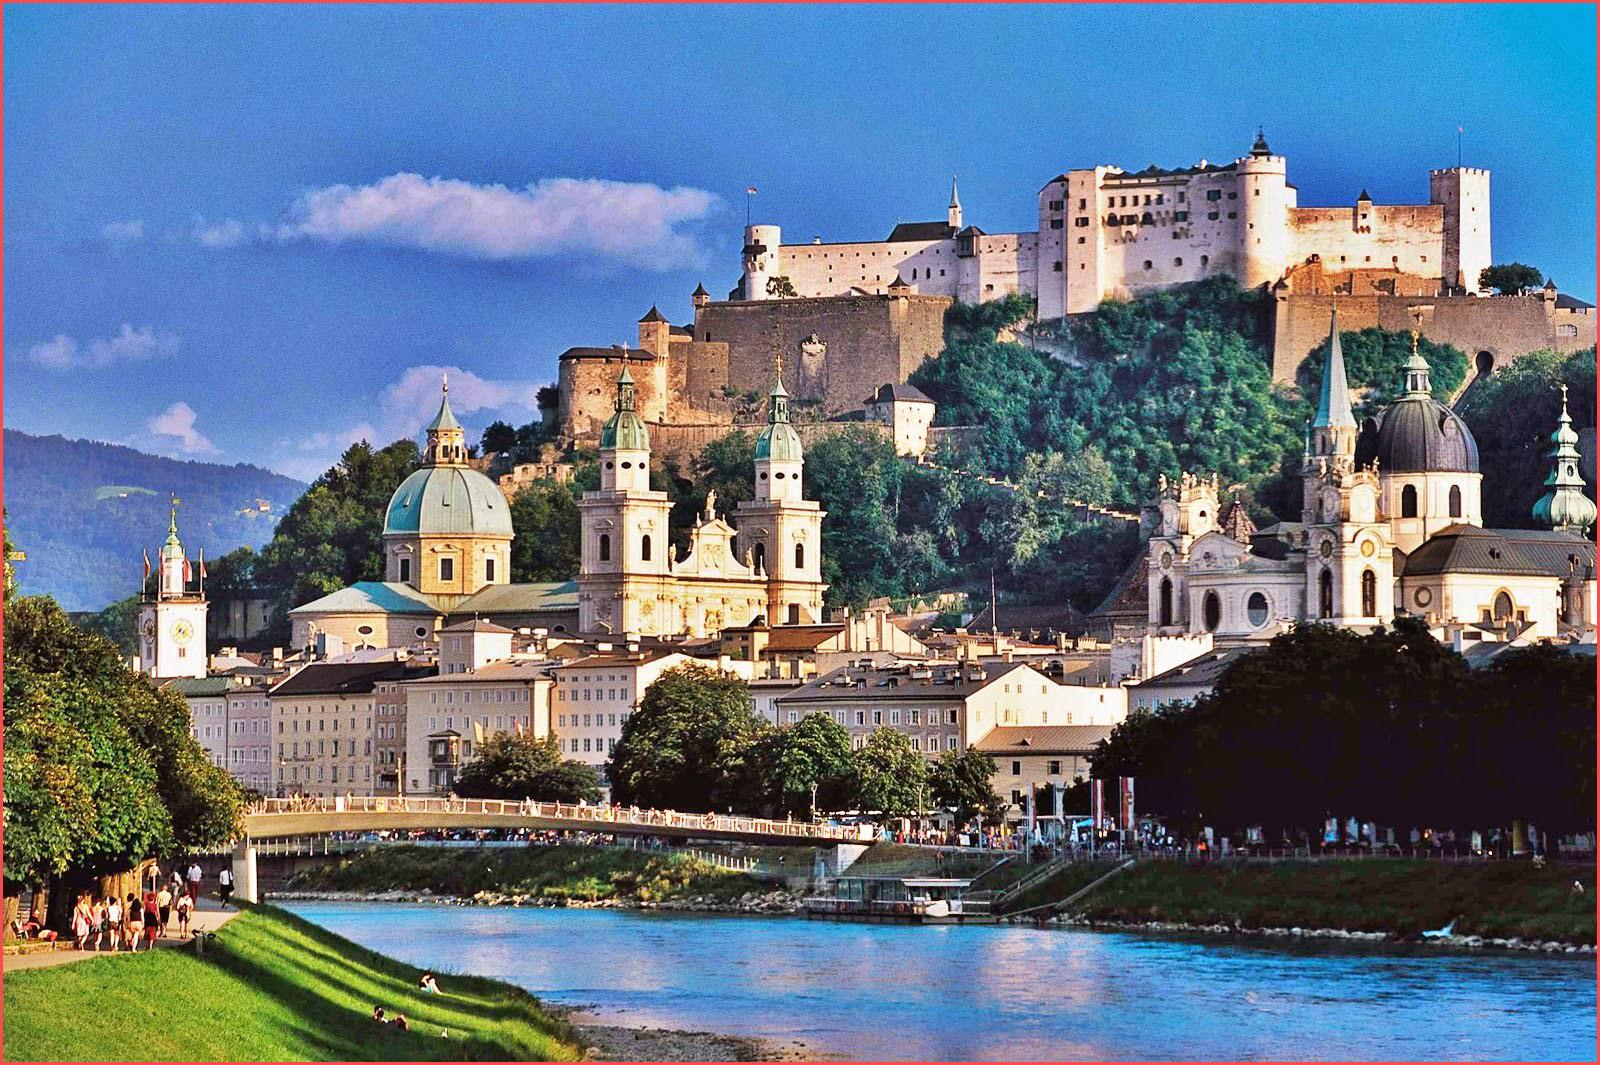 السياحة في سالزبورغ أفضل 5 أماكن سياحية في سالزبورغ